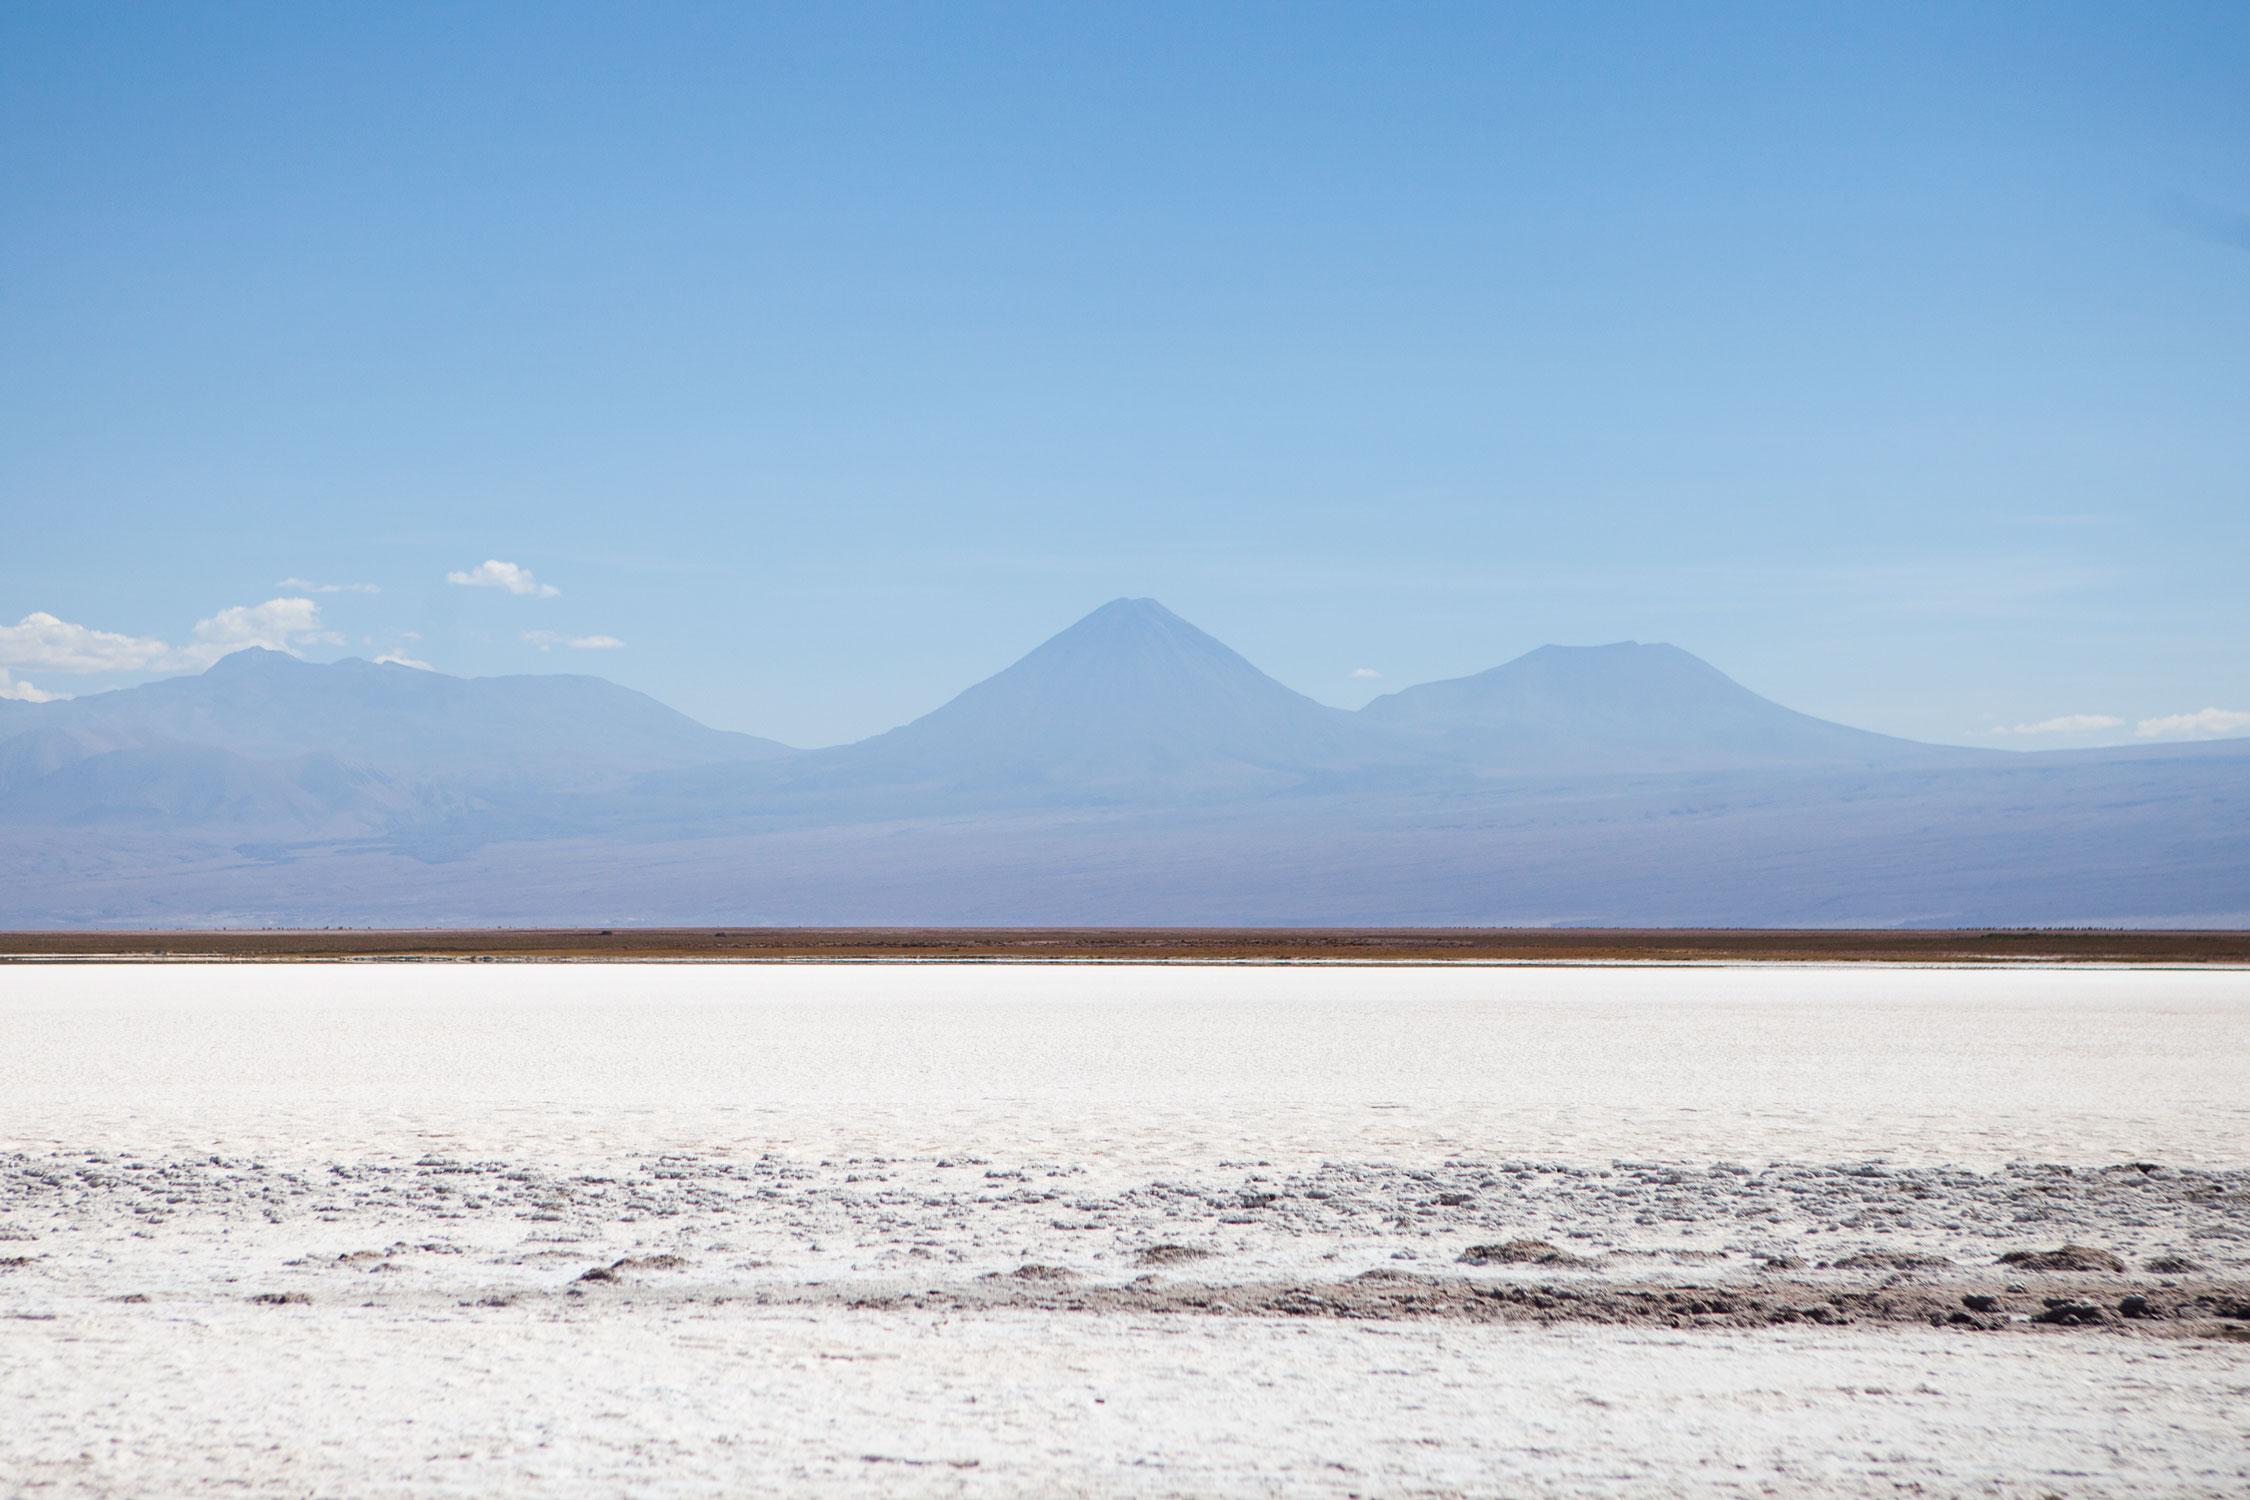 atacama-desert-chile-wander-south-salt-flats-2.jpg